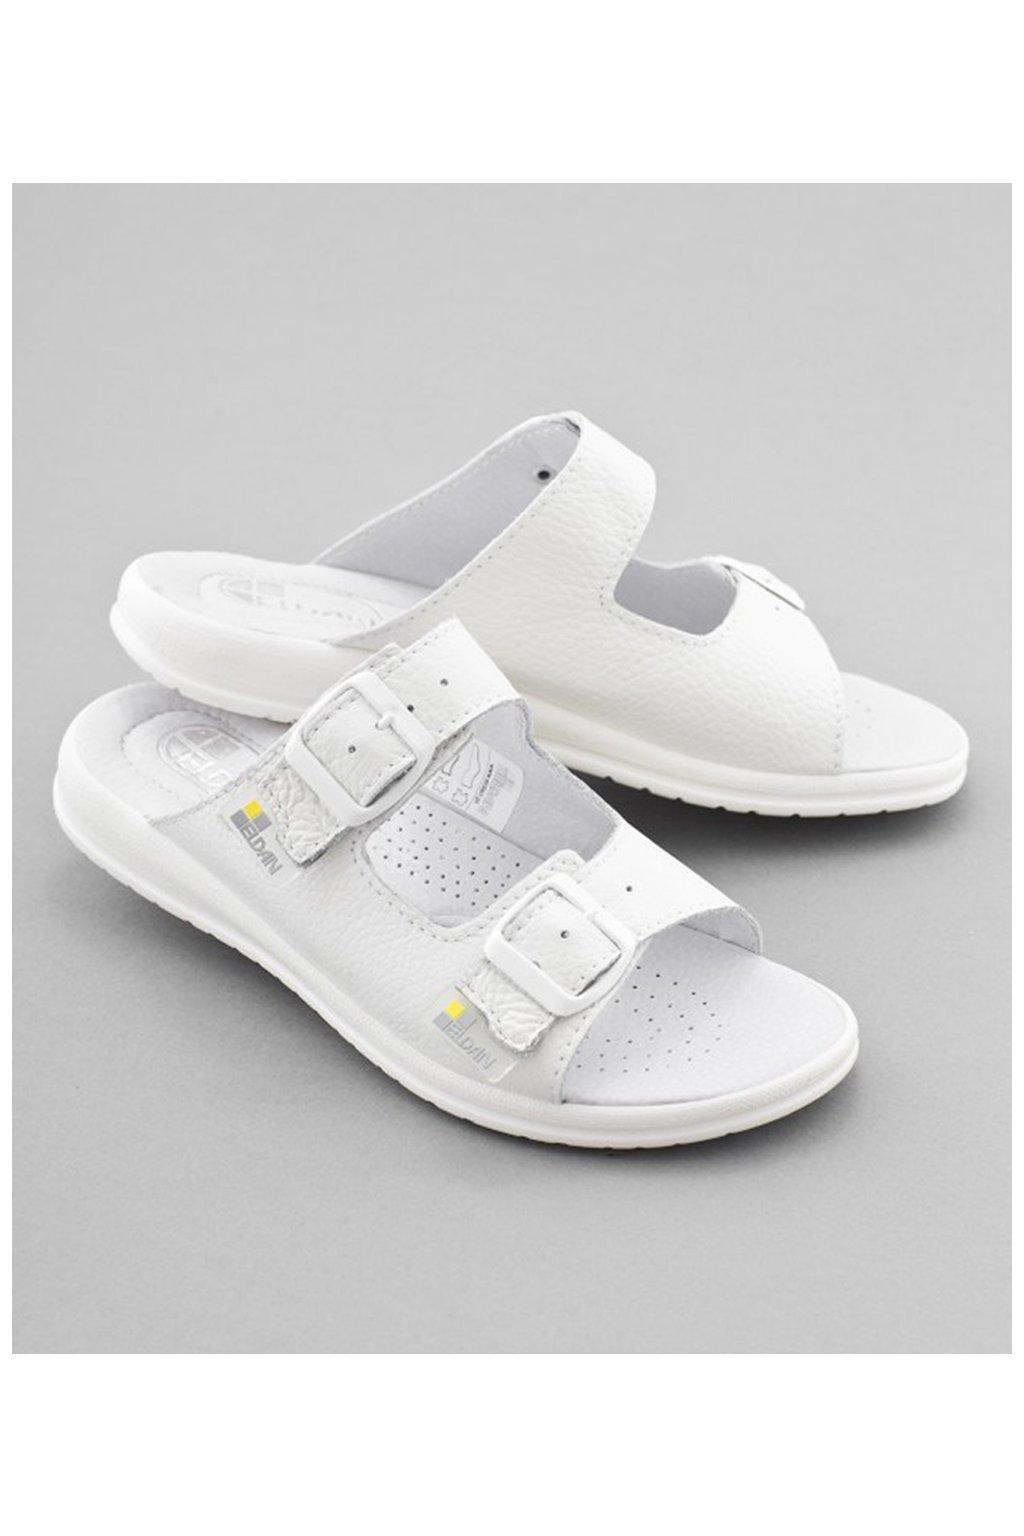 zdravotnicka-obuv-damska-kd-med-31-01